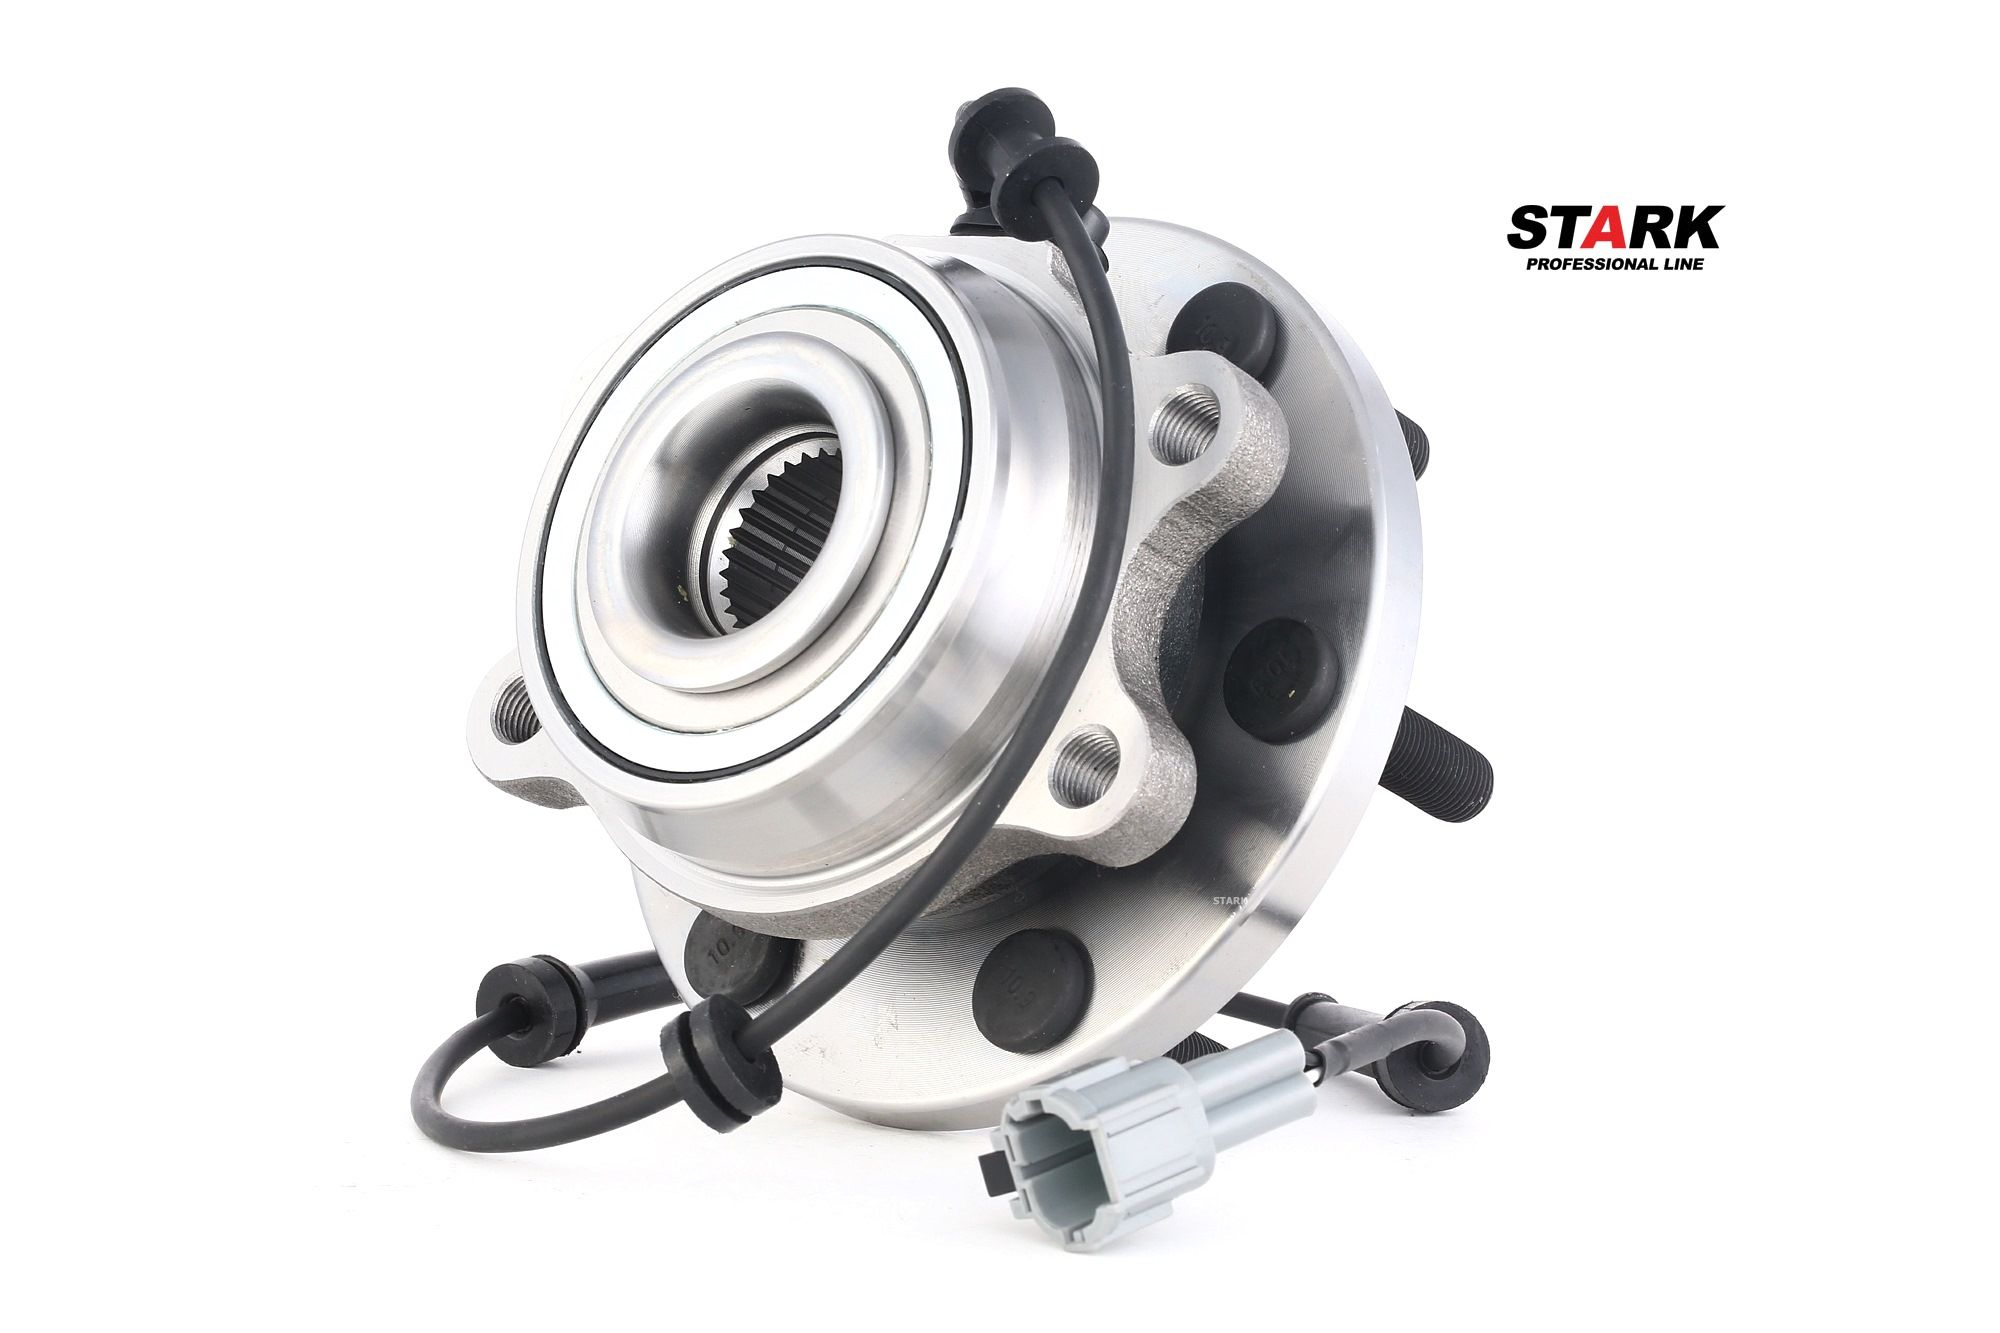 Hjullager SKWB-0180134 som är helt STARK otroligt kostnadseffektivt